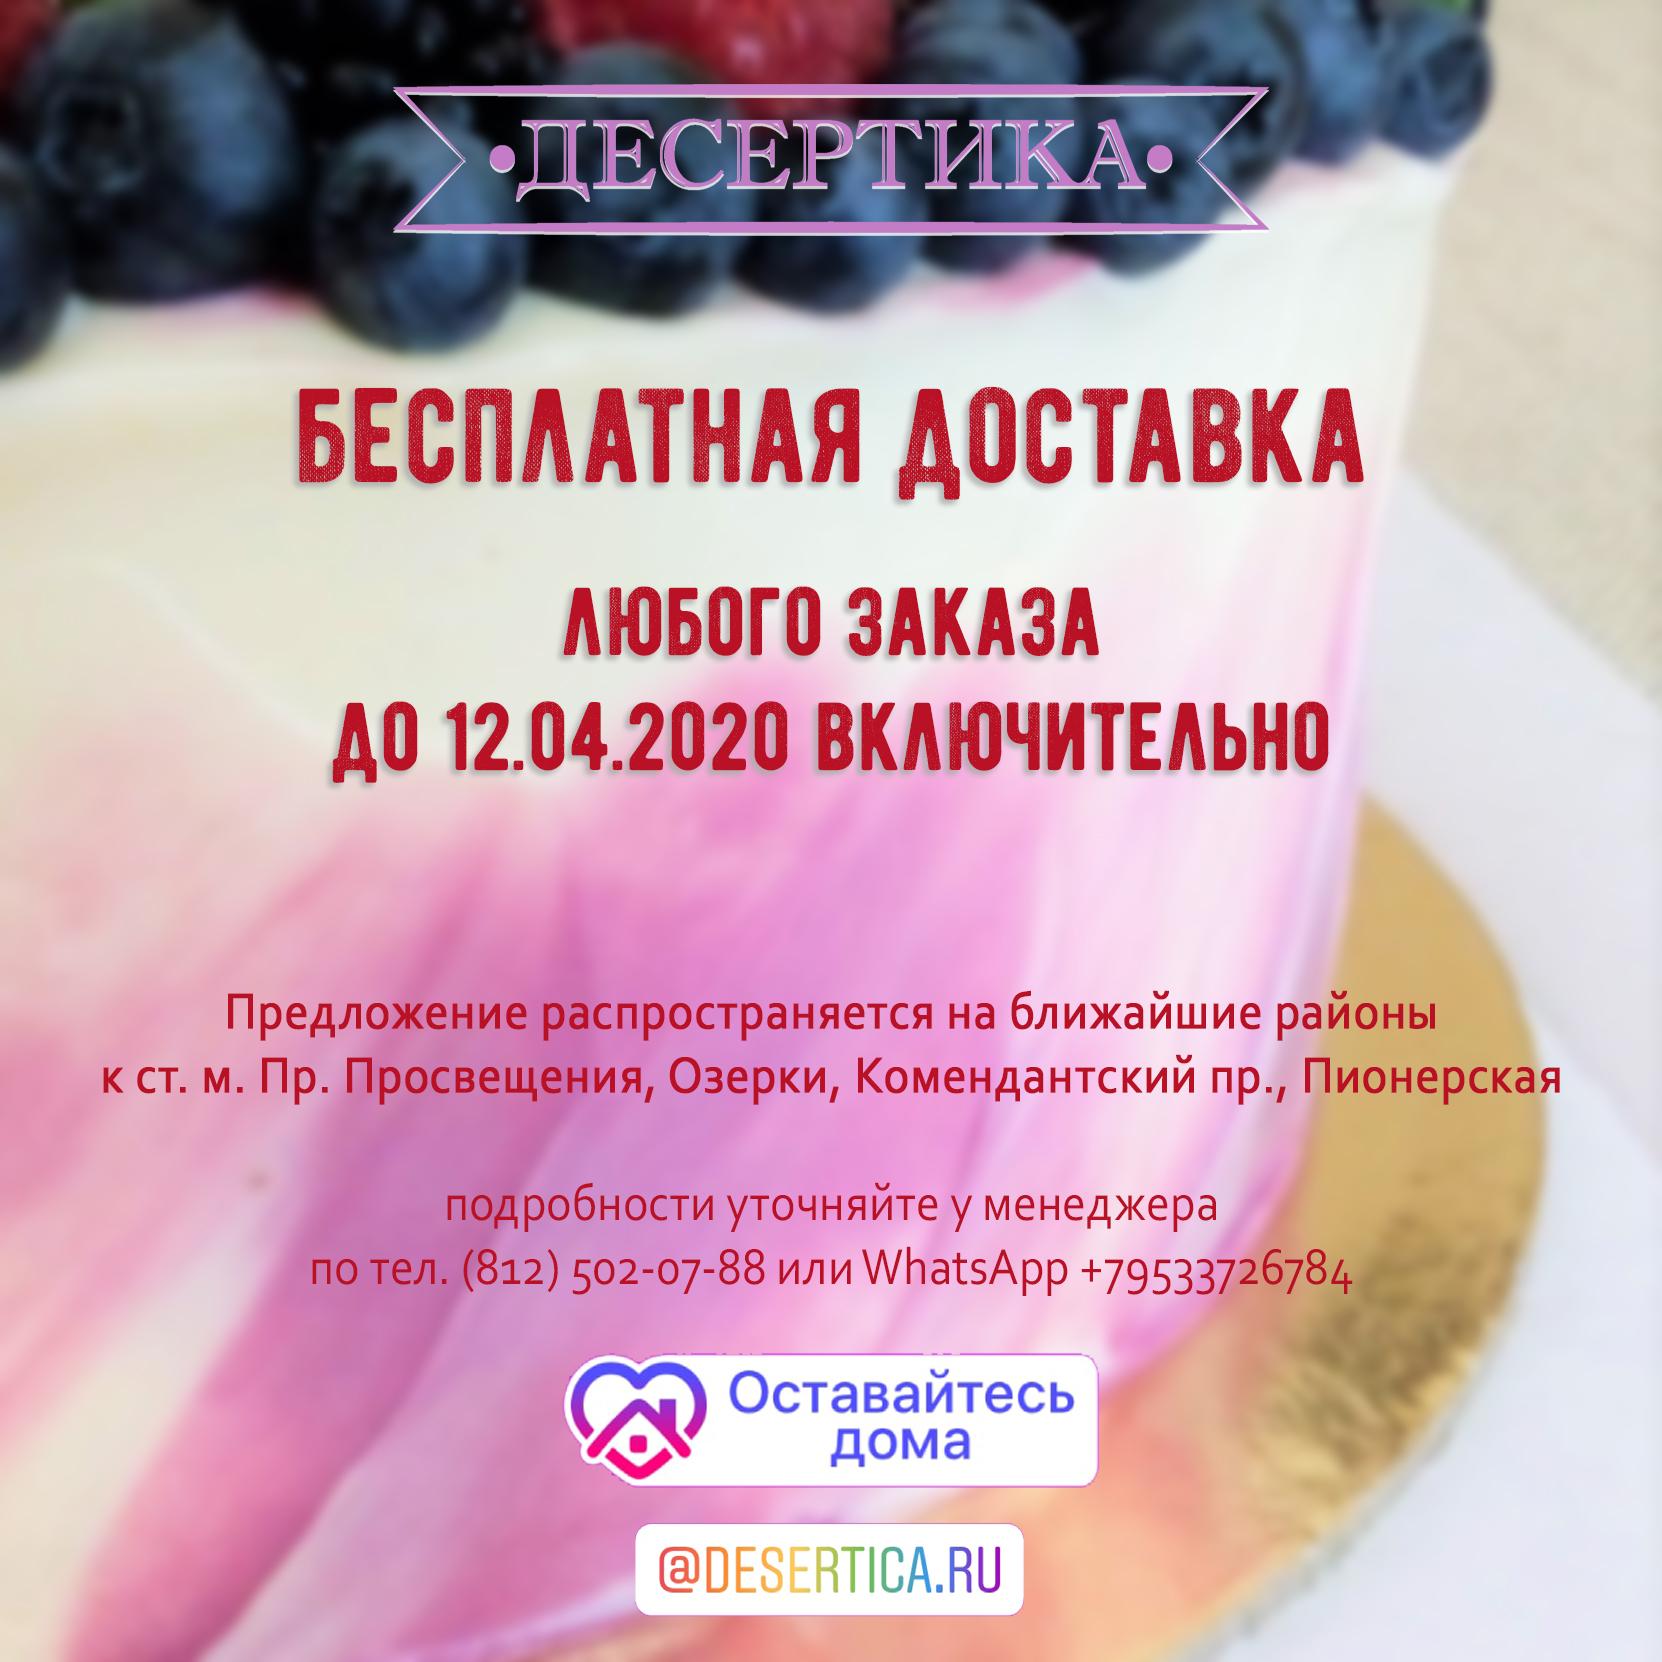 Бесплатная доставка - Десертика - Капкейки, бисквитные торты, десерты, эклеры в Санкт-Петербурге